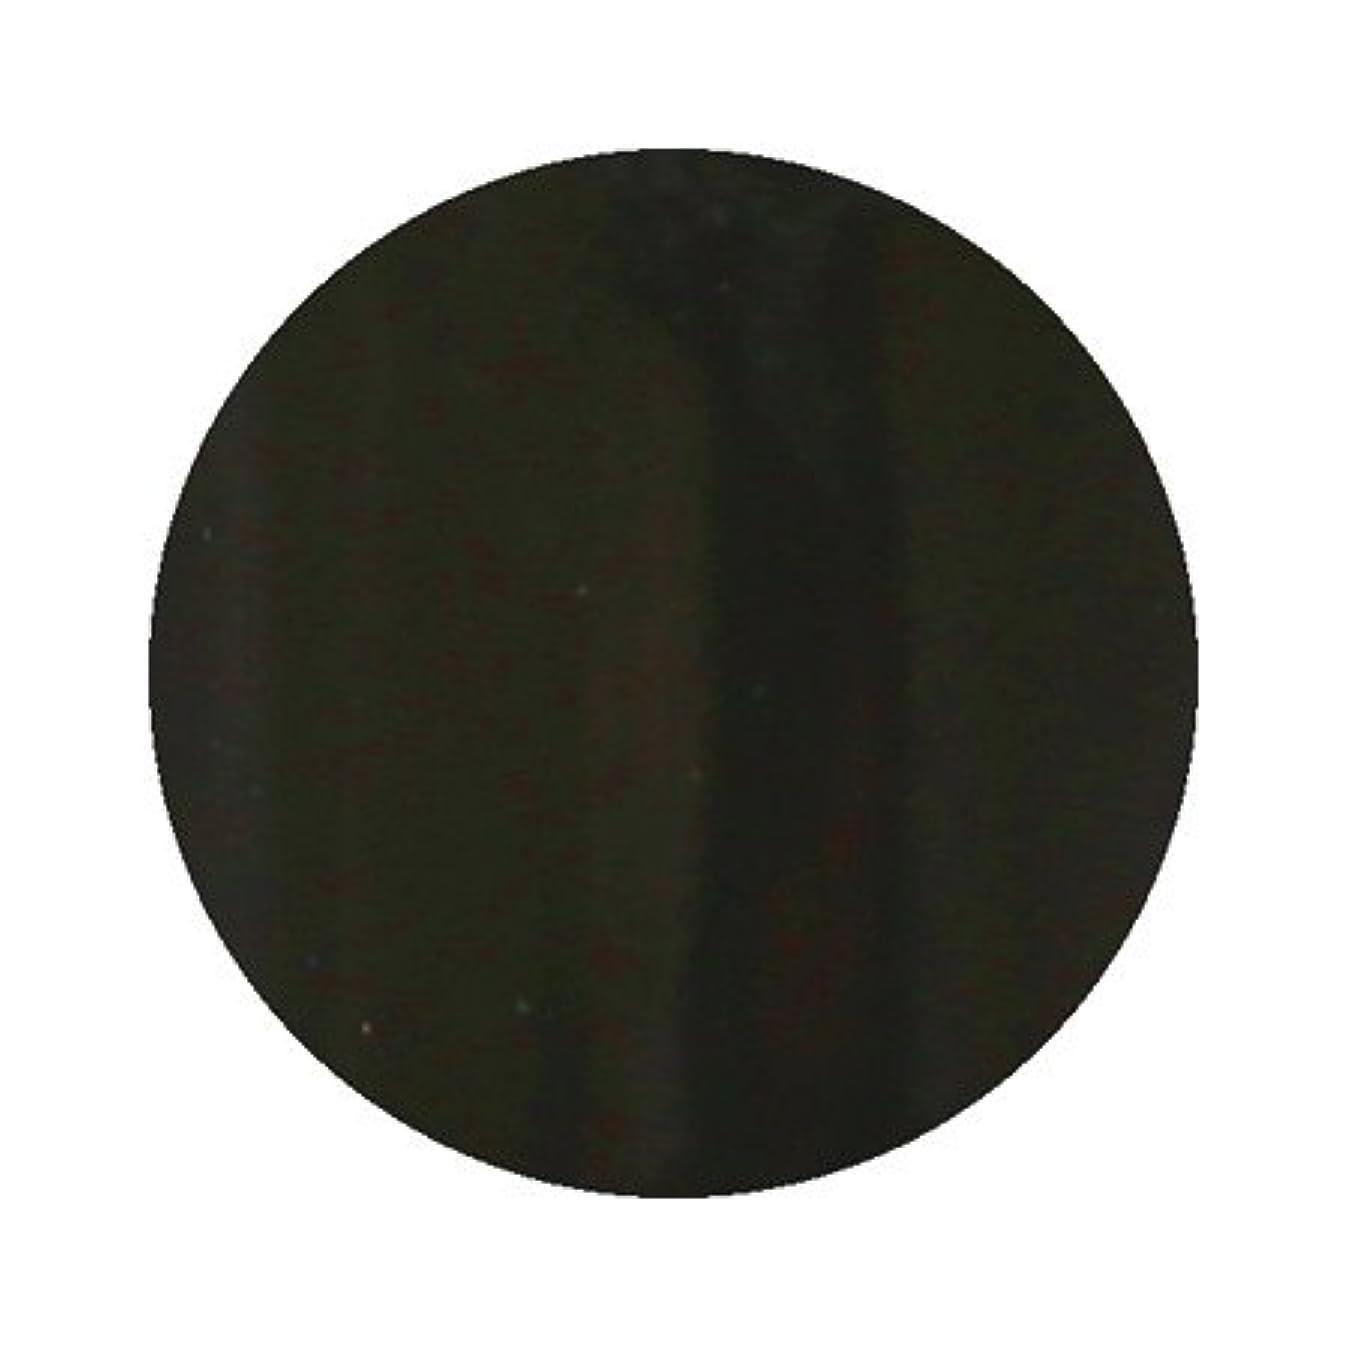 鉄触手復活するパラポリッシュ ハイブリッドカラージェル MD14 ディープグリーン 7g